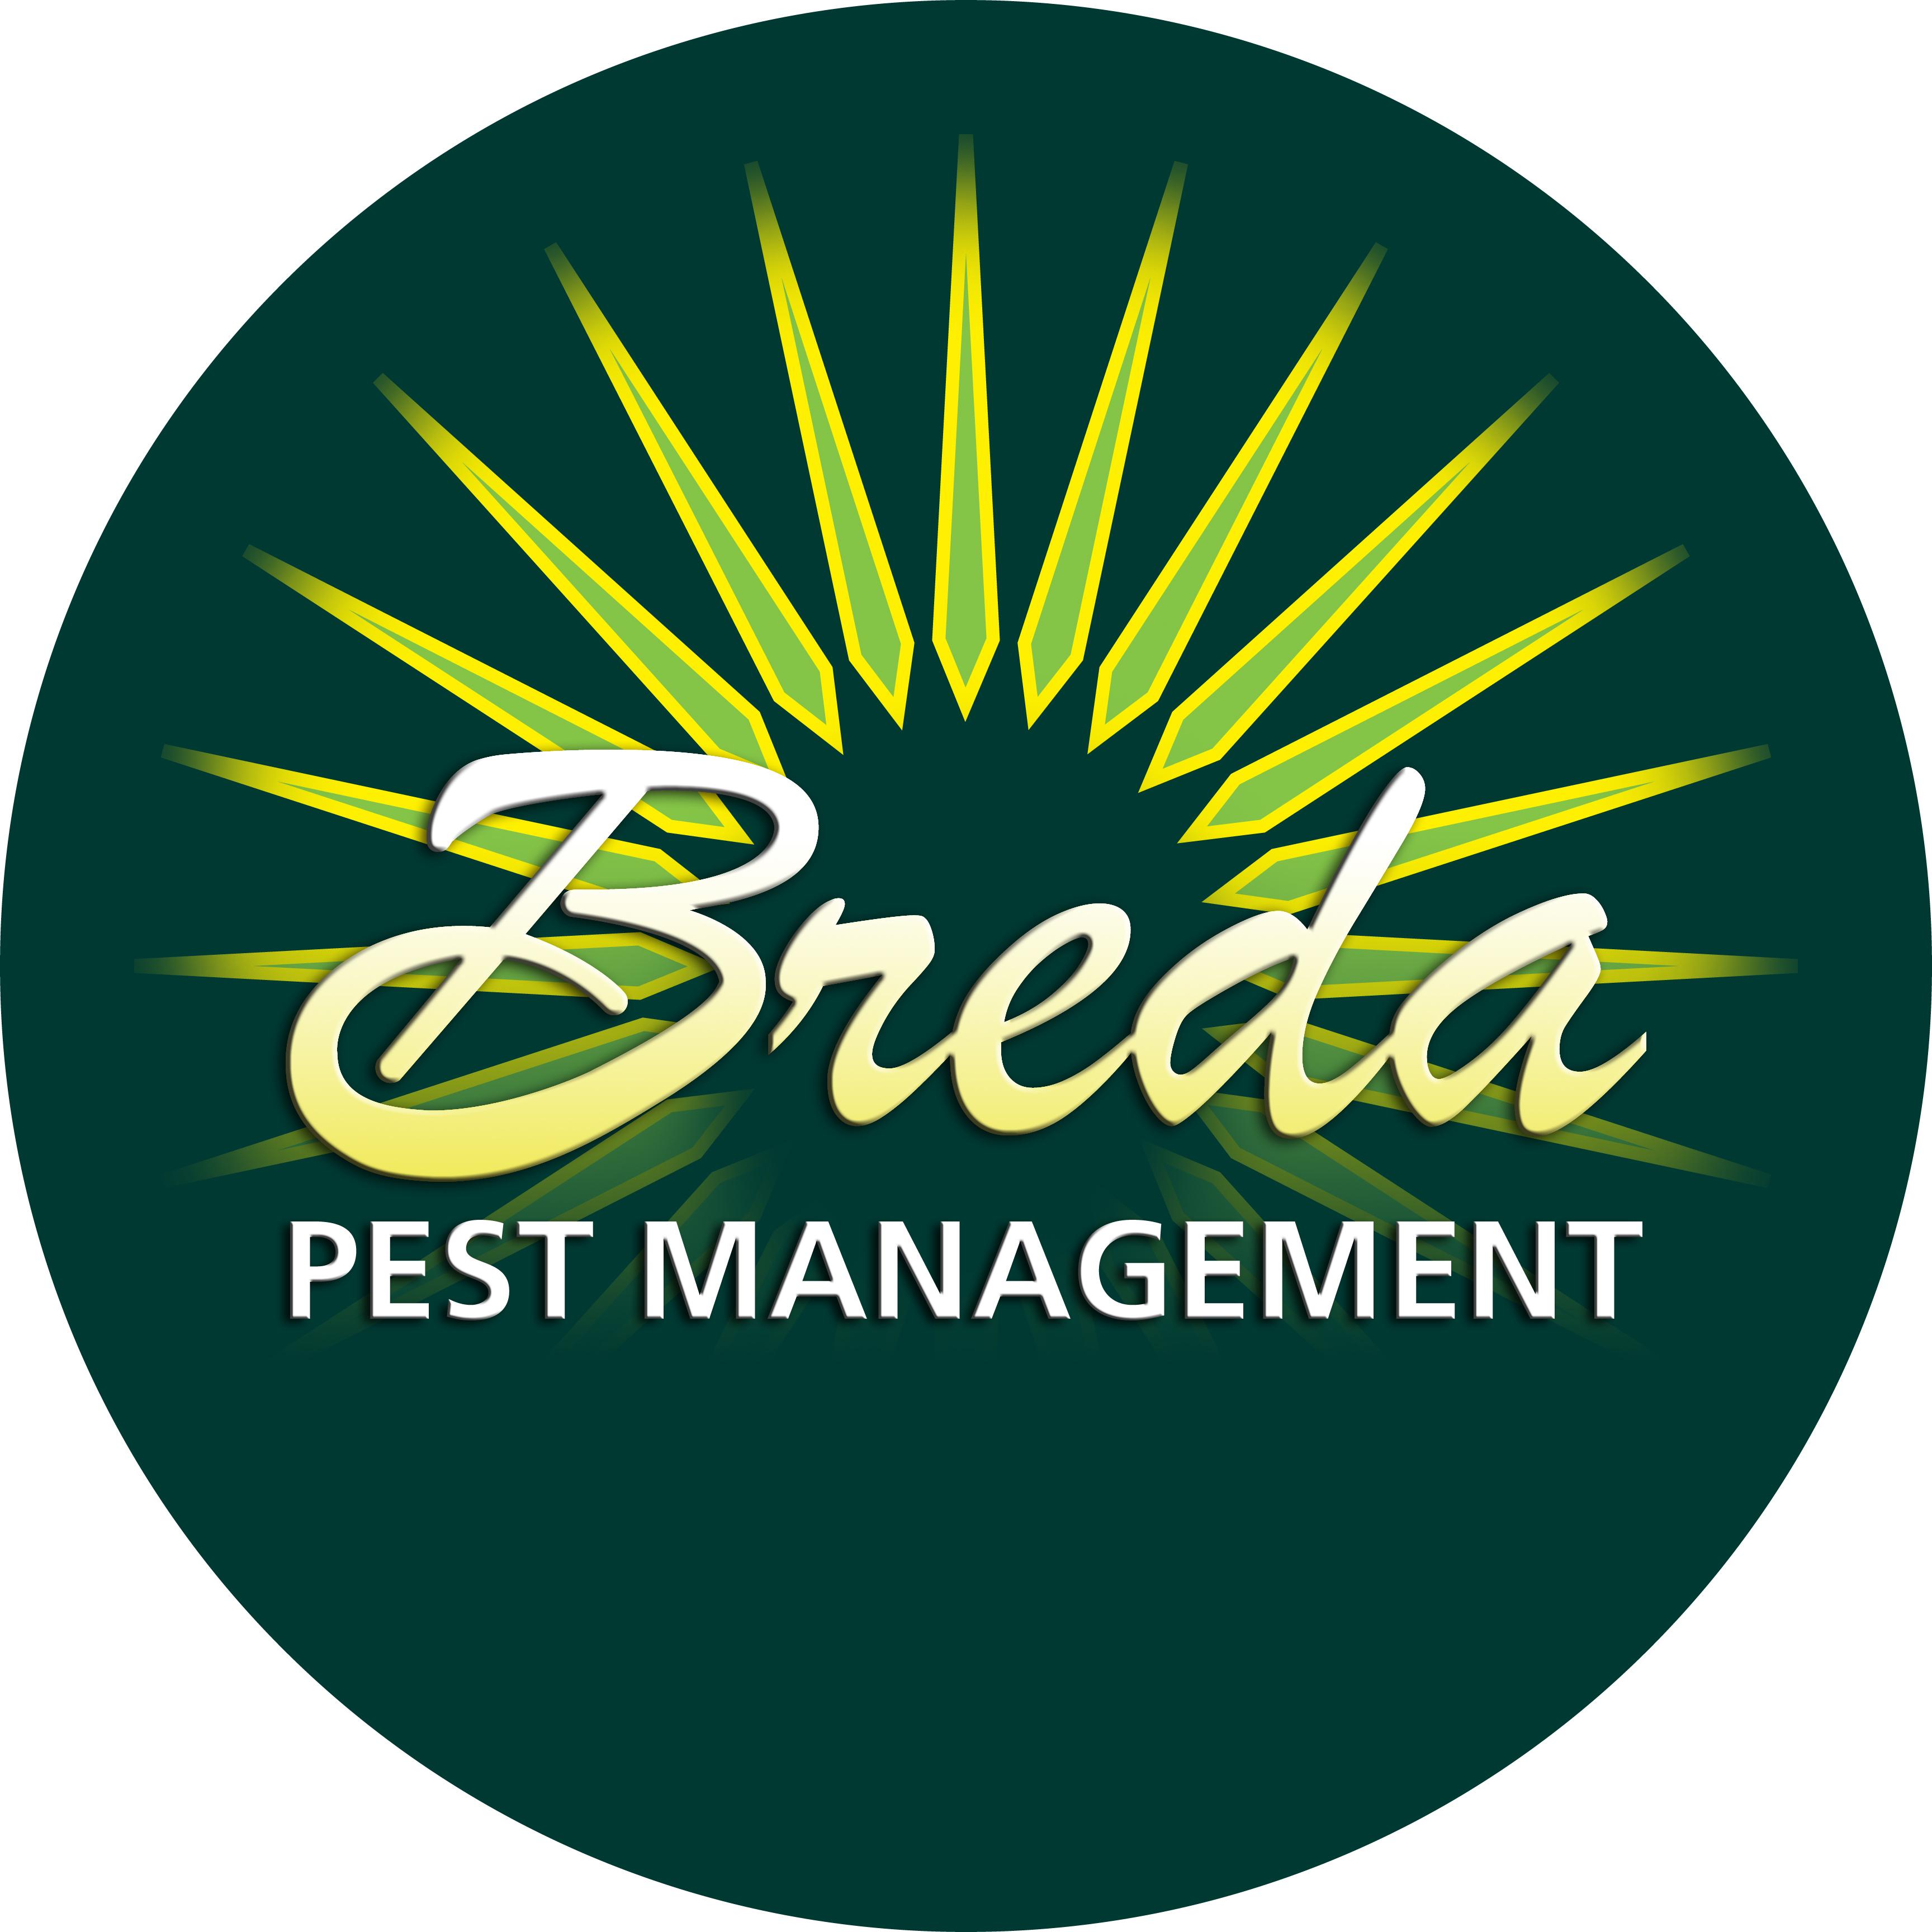 Breda Pest Management - Loganville, GA - Pest & Animal Control